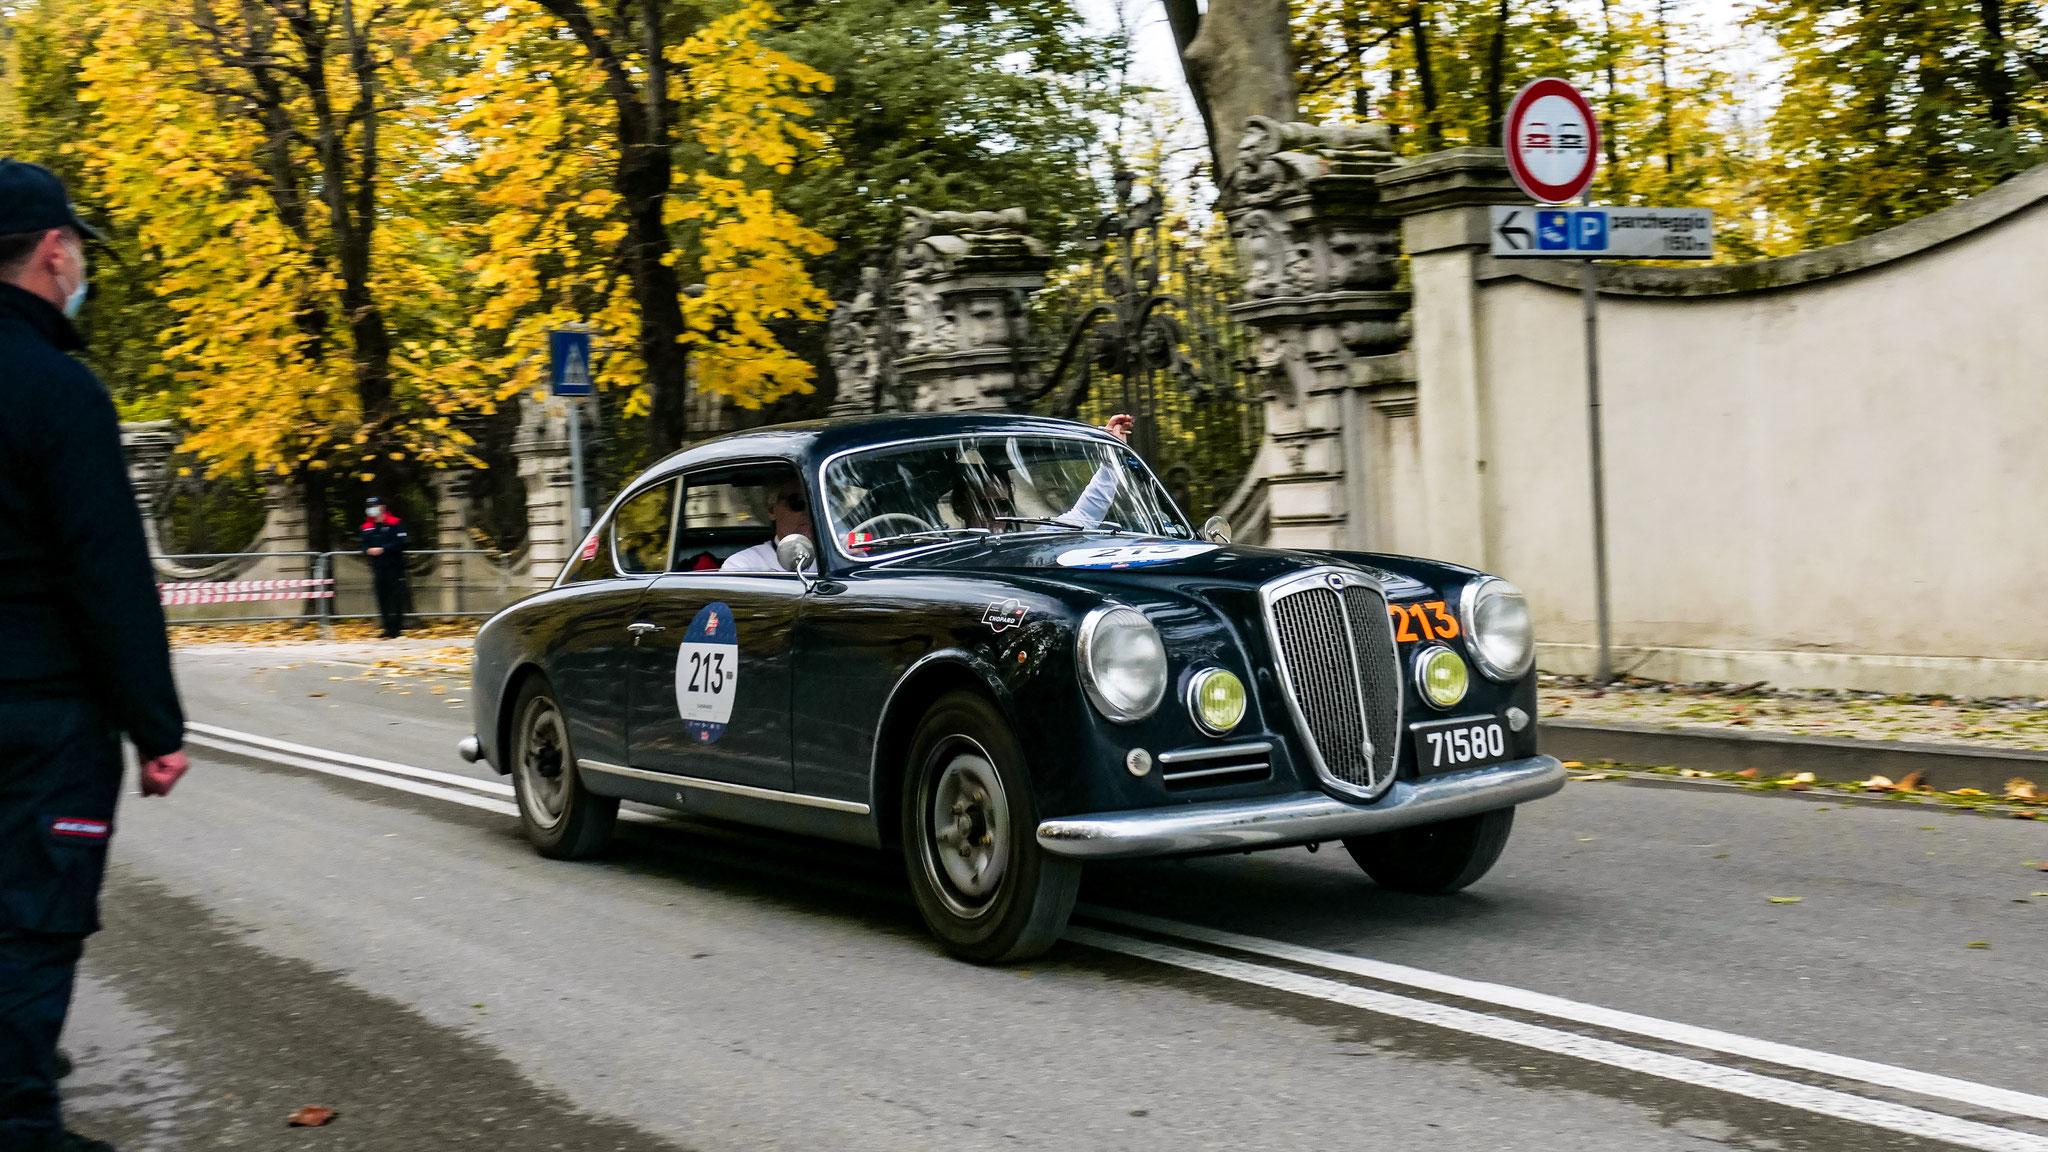 Lancia Aurelia B20 GT 2000 - 71580 (GB)